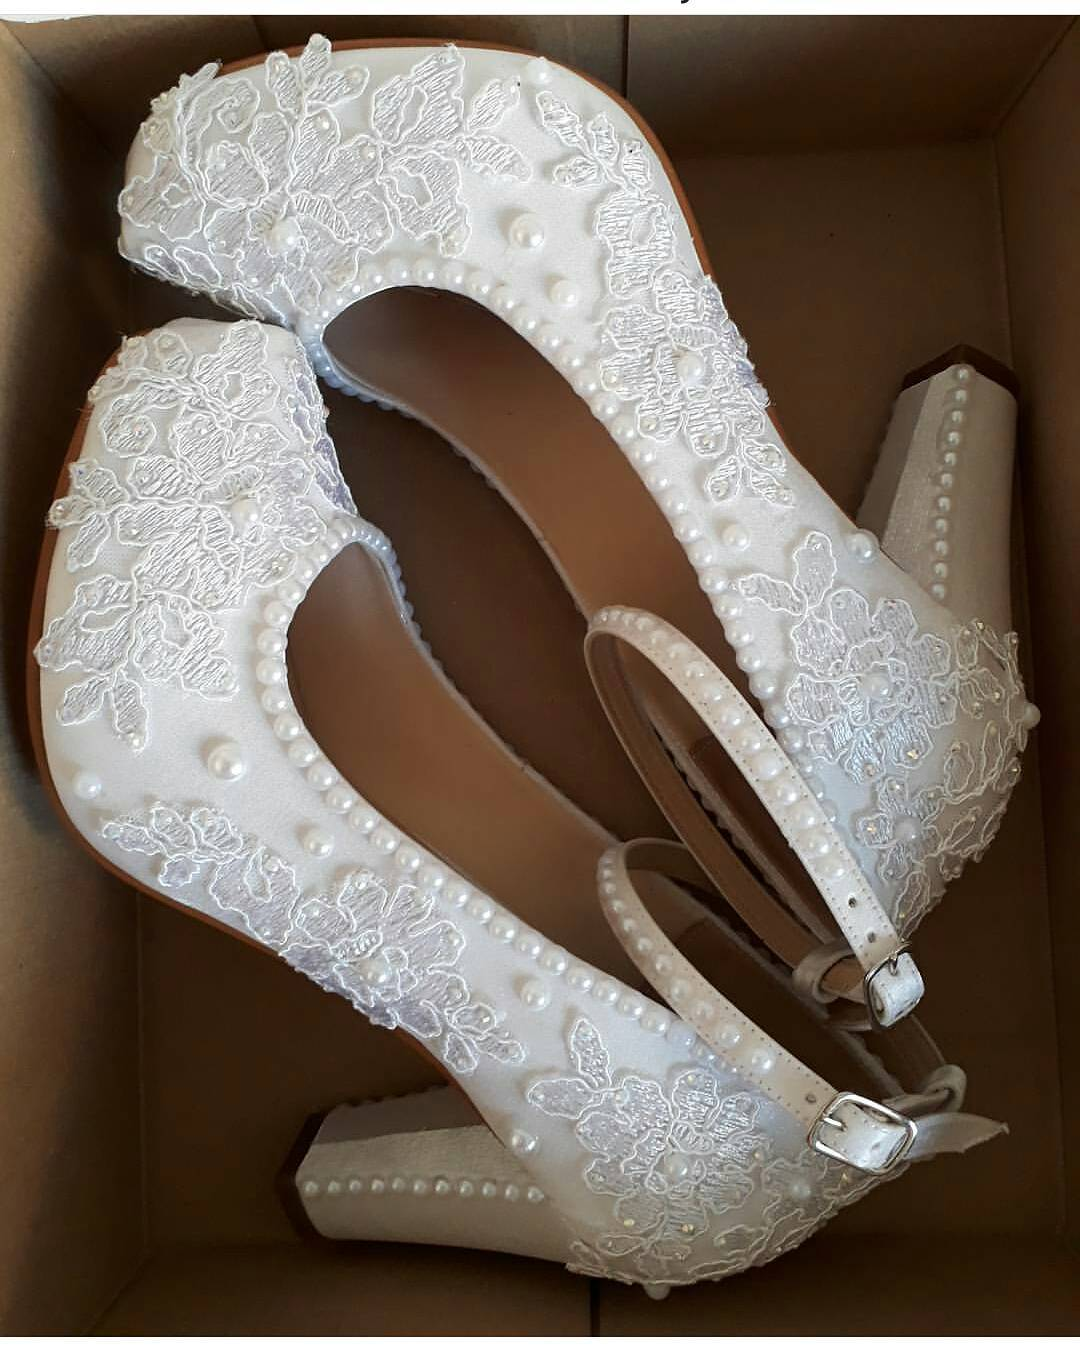 eb97dbf96 Sapato de noiva: 80 inspirações e opções de modelos para comprar